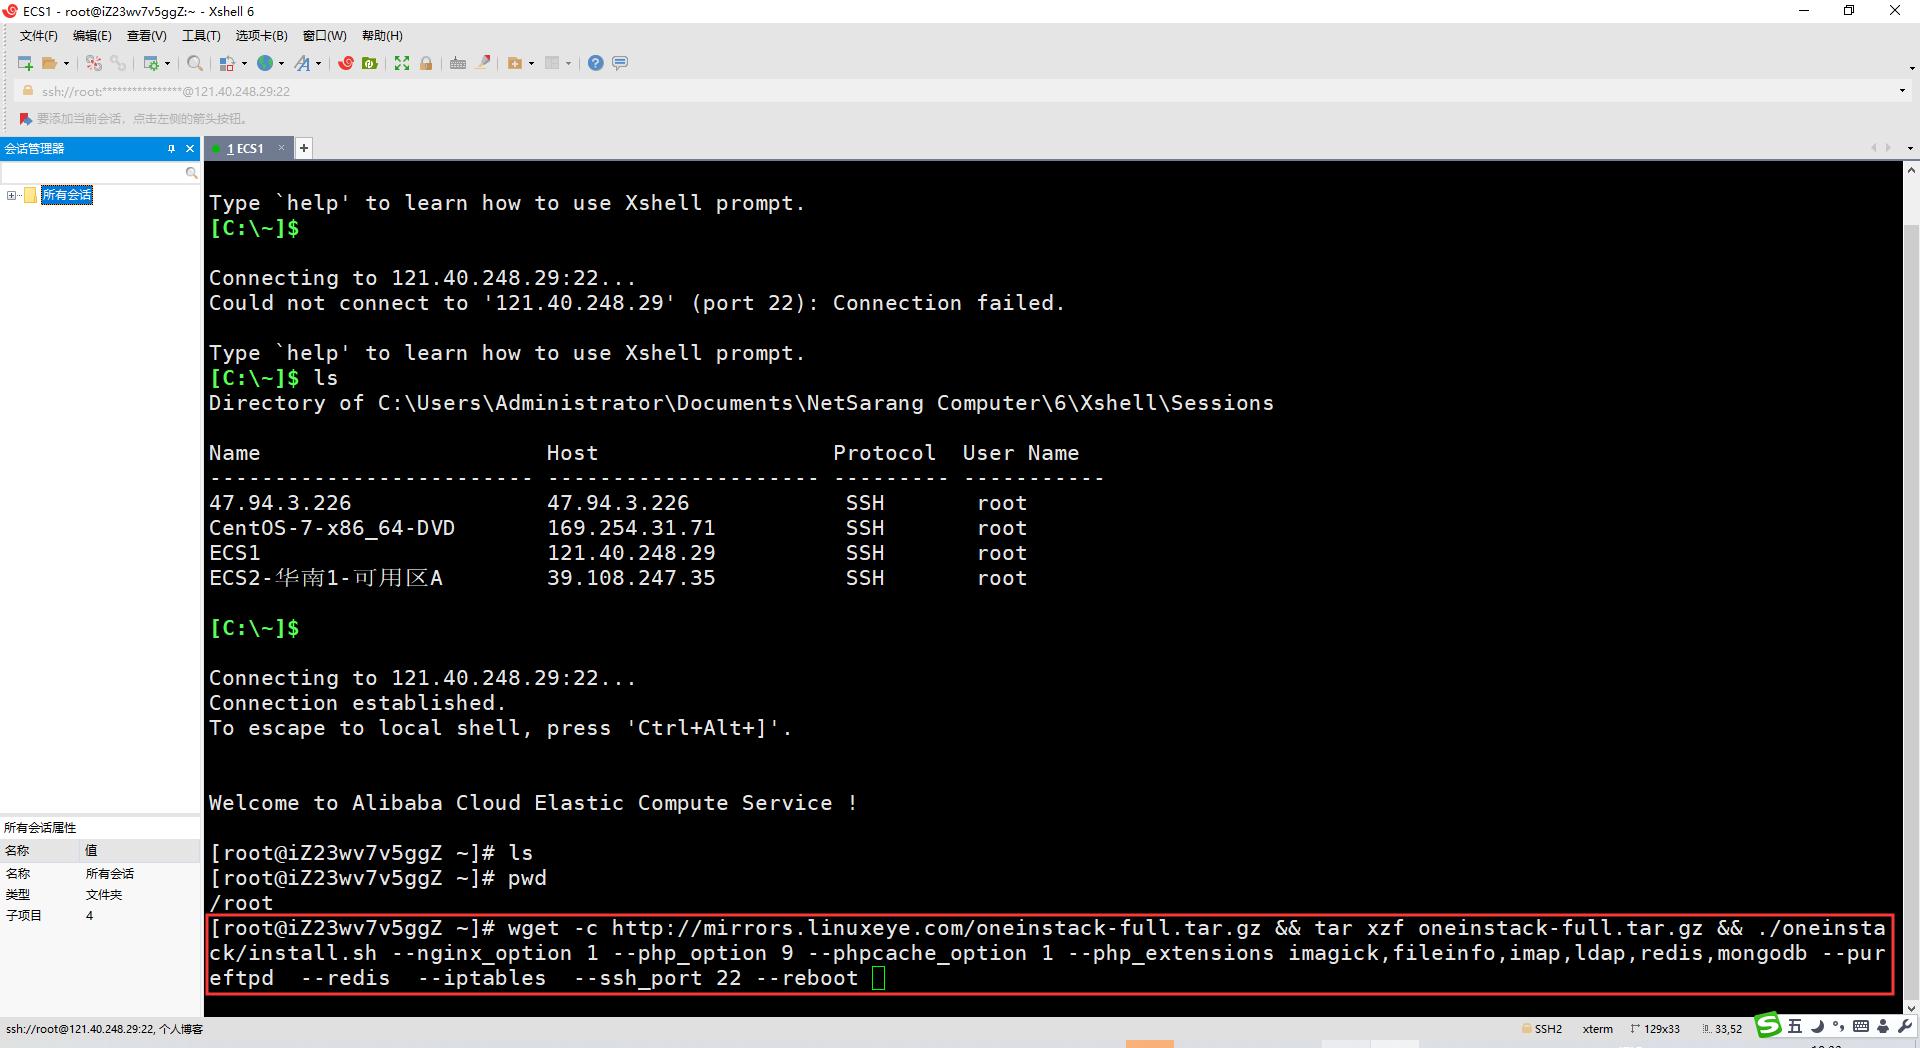 启动 ECS 实例后,基于 Xshell 6 进入 CentOS 服务器中,粘贴执行安装命令